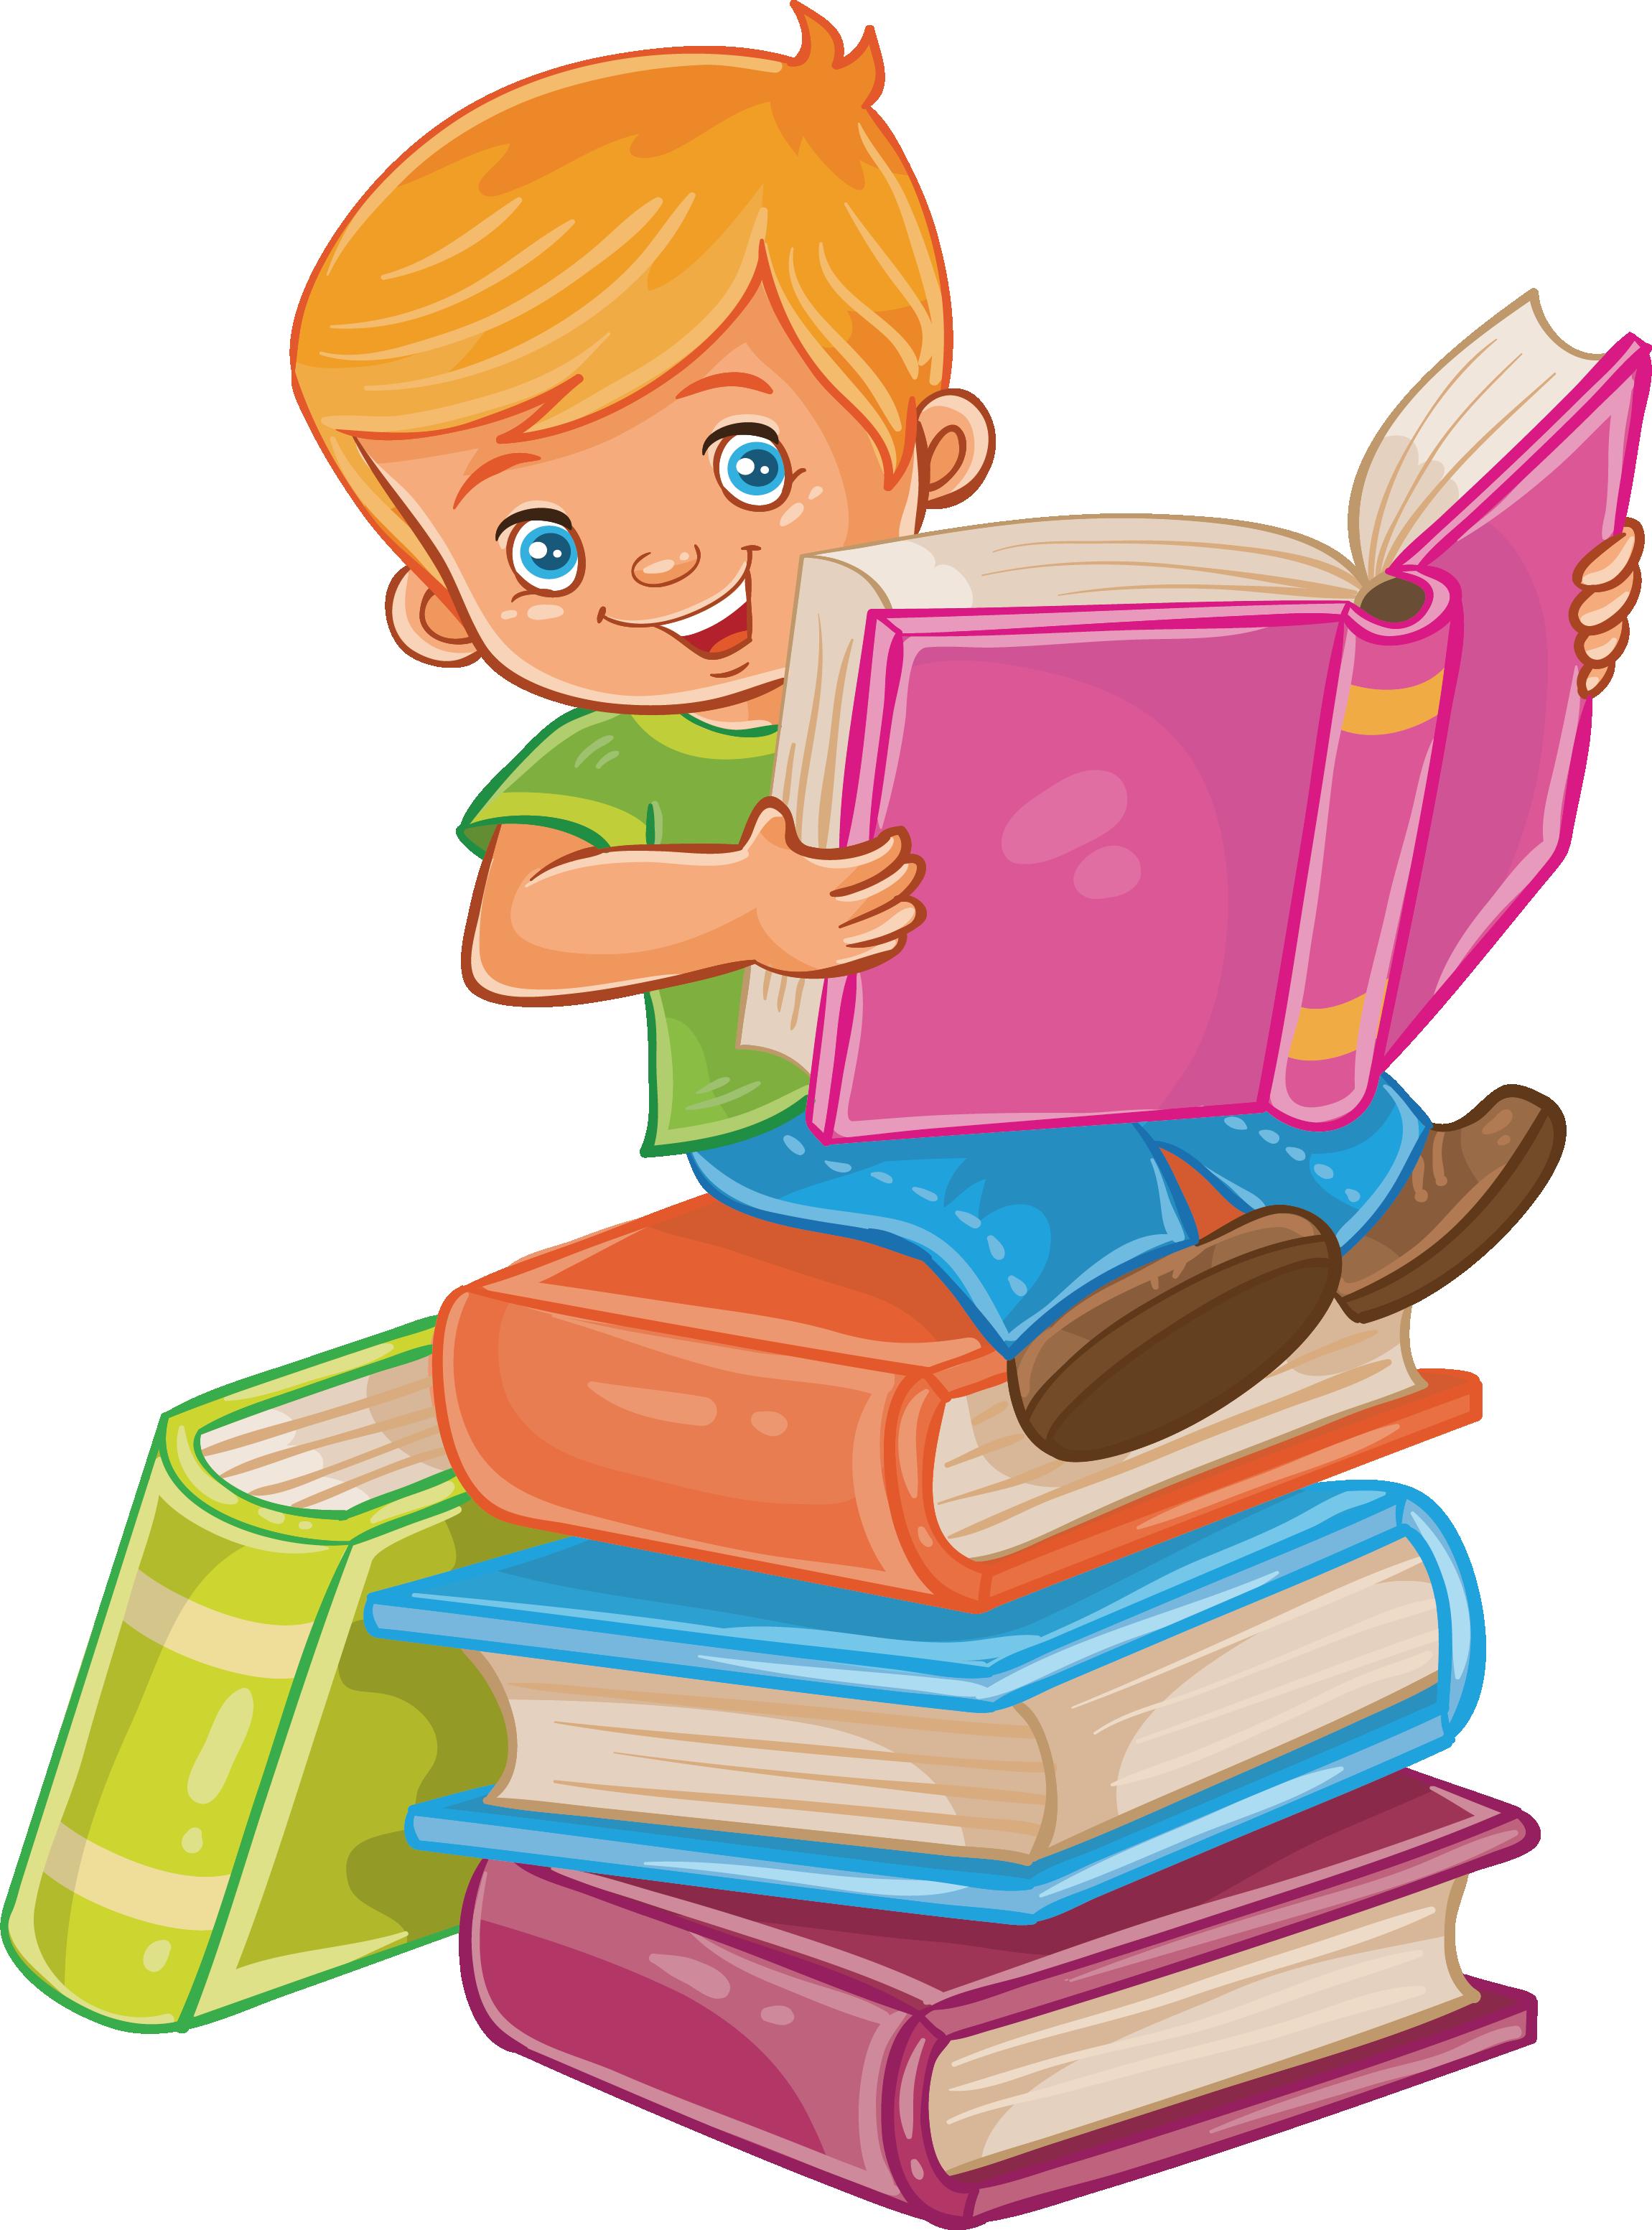 Мальчик с книжкой картинка, анимашки привет мой